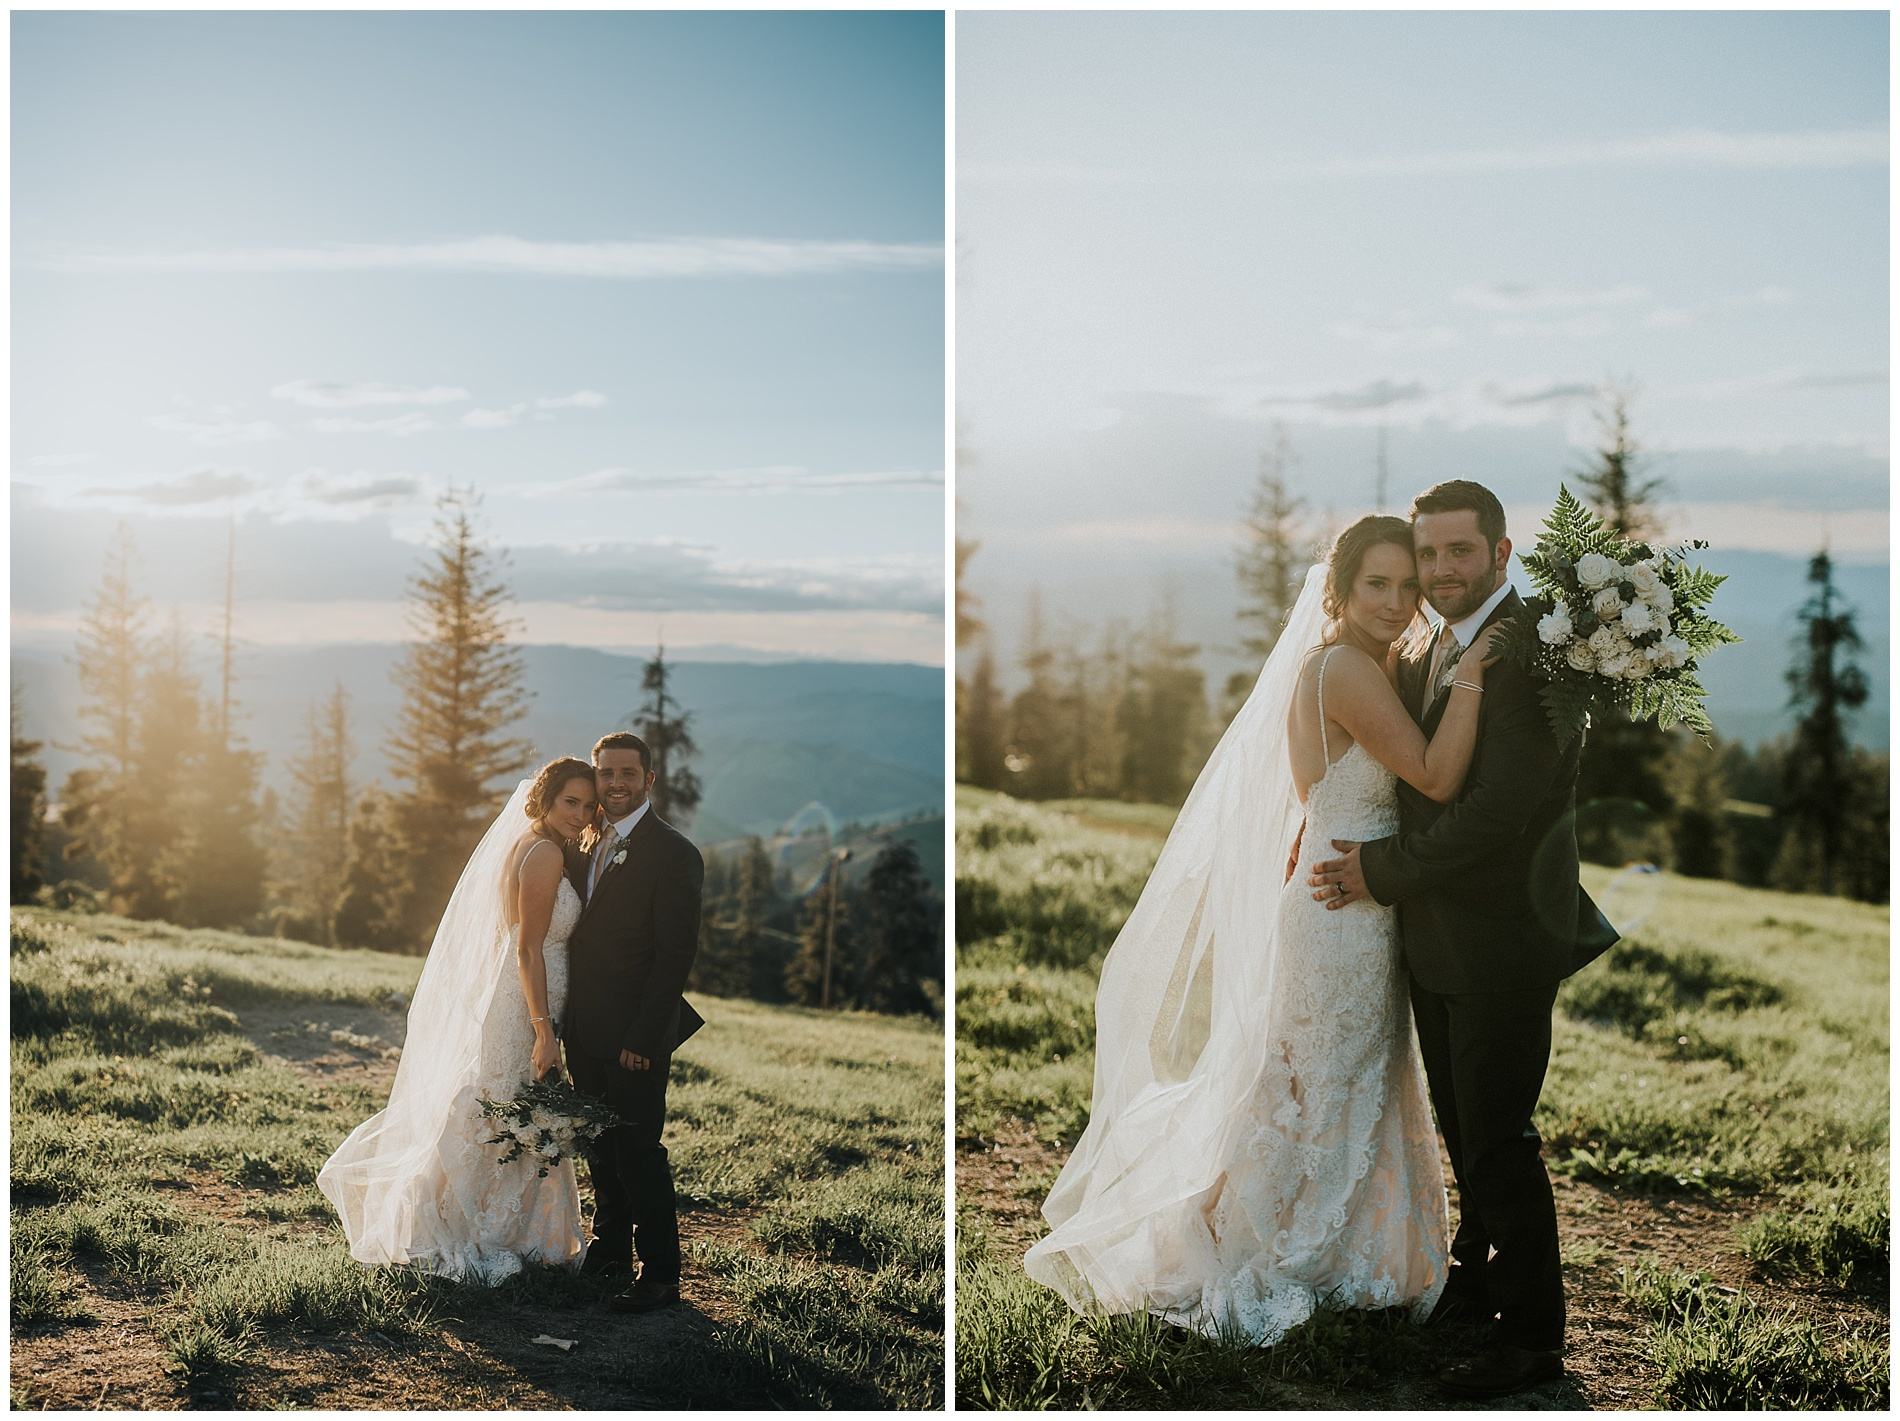 Sun Valley Idaho Wedding Venue